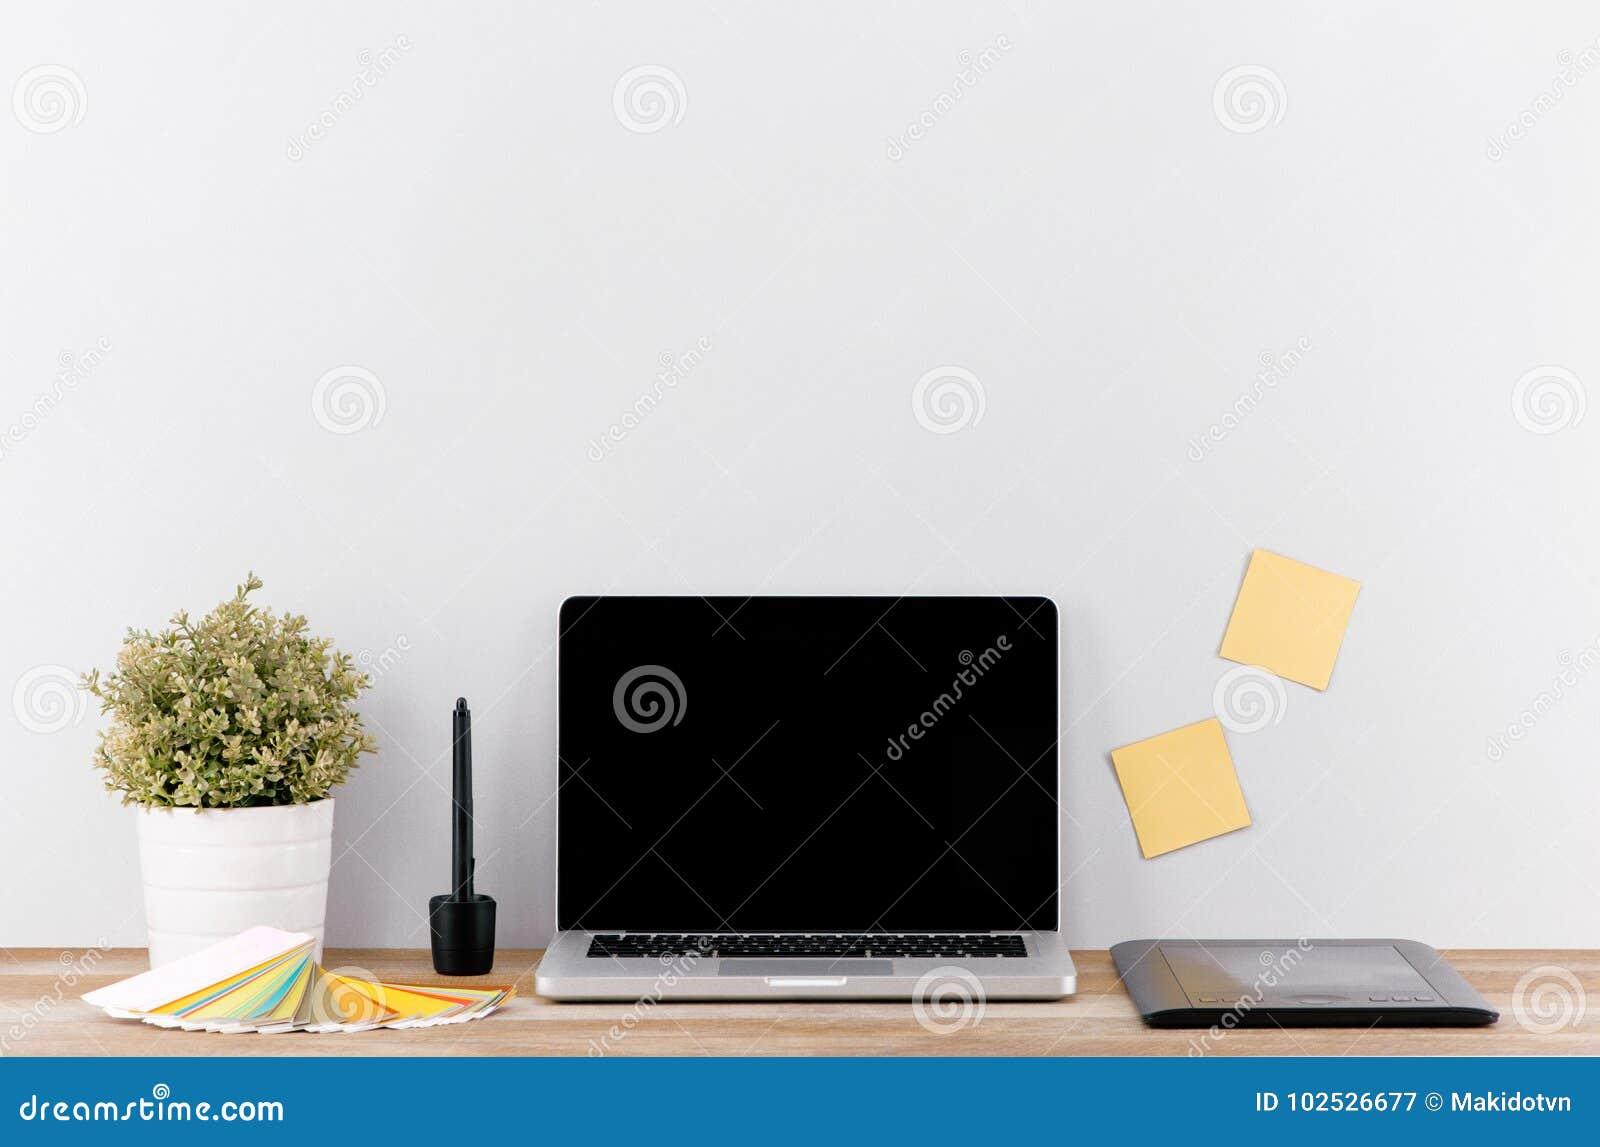 Kreatywnie projektanta workspace mockup z komputeru stacjonarnego ekranem